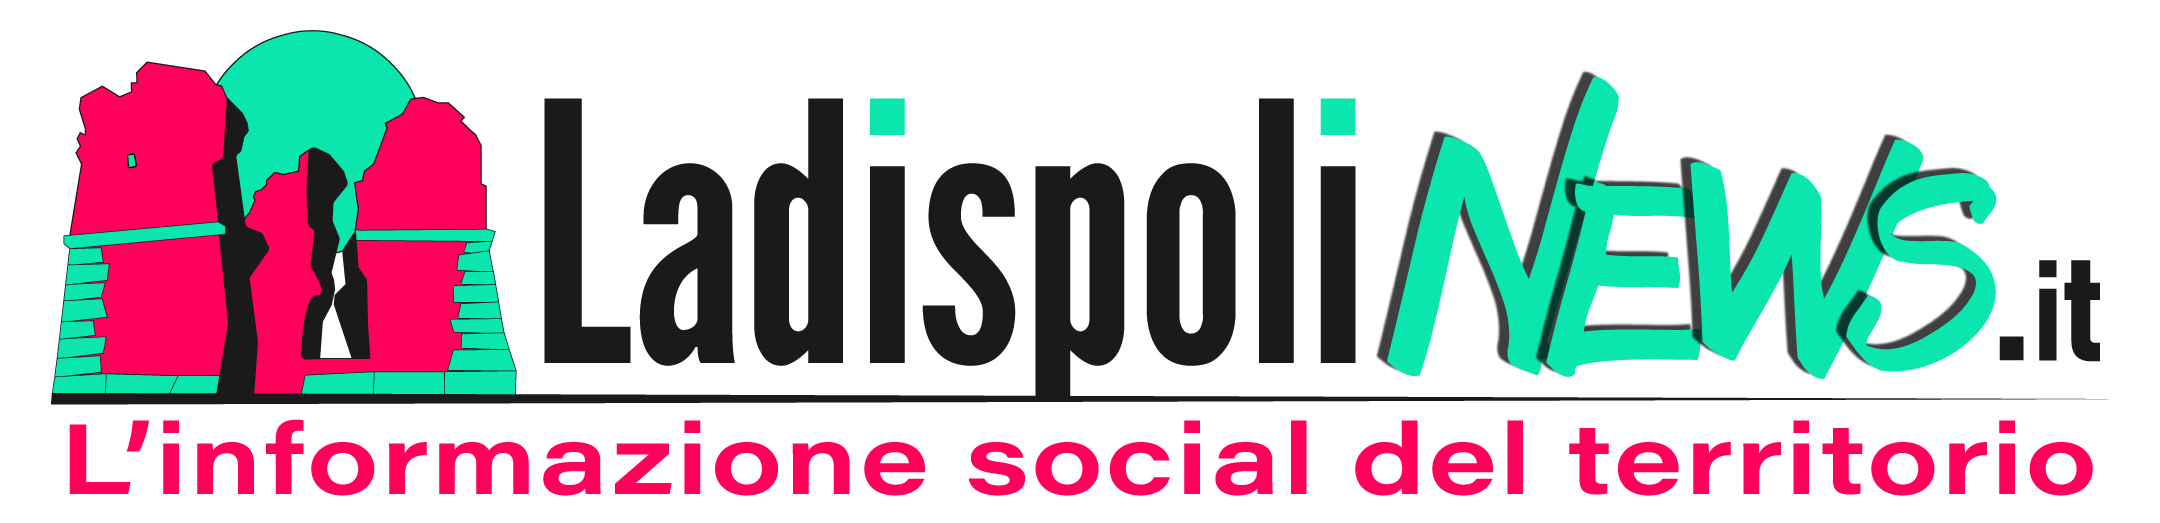 Ladispoli News